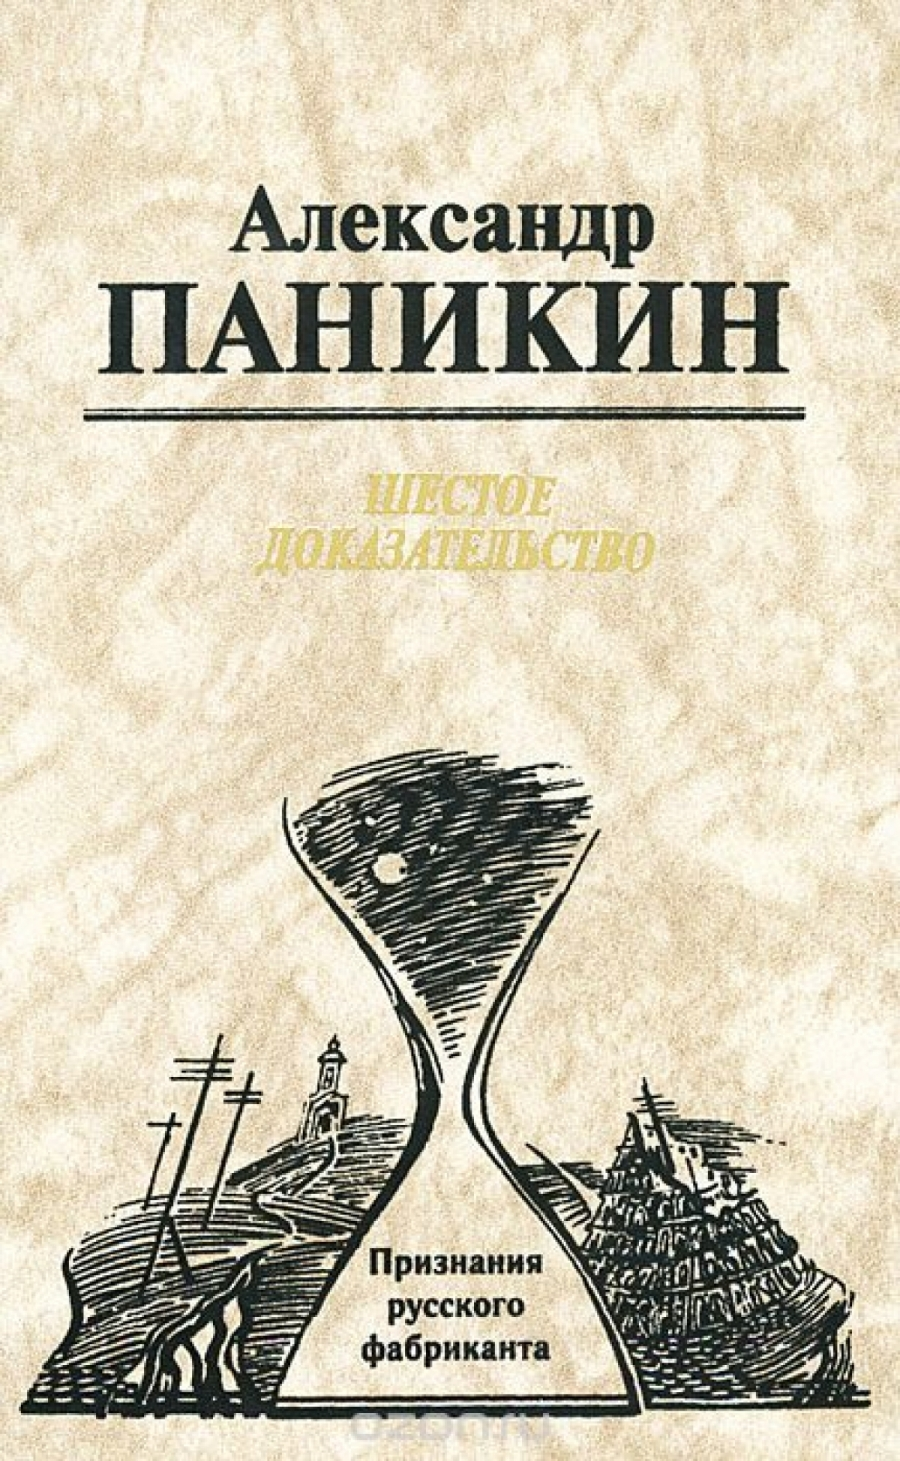 Обложка книги:  александр паникин - шестое доказательство.